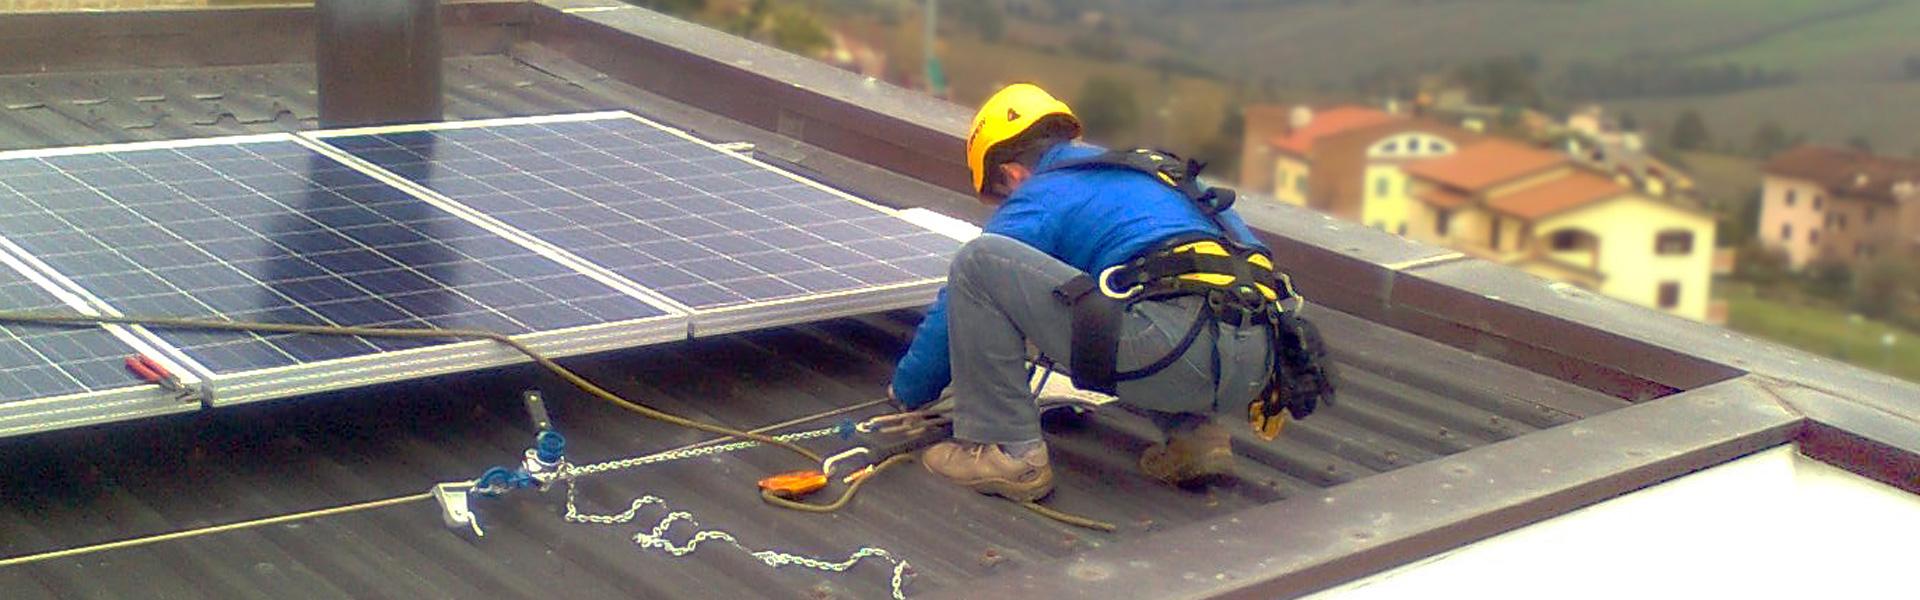 Operatore intento nella manutenzione di un impianto fotovoltaico posizionato su tetto